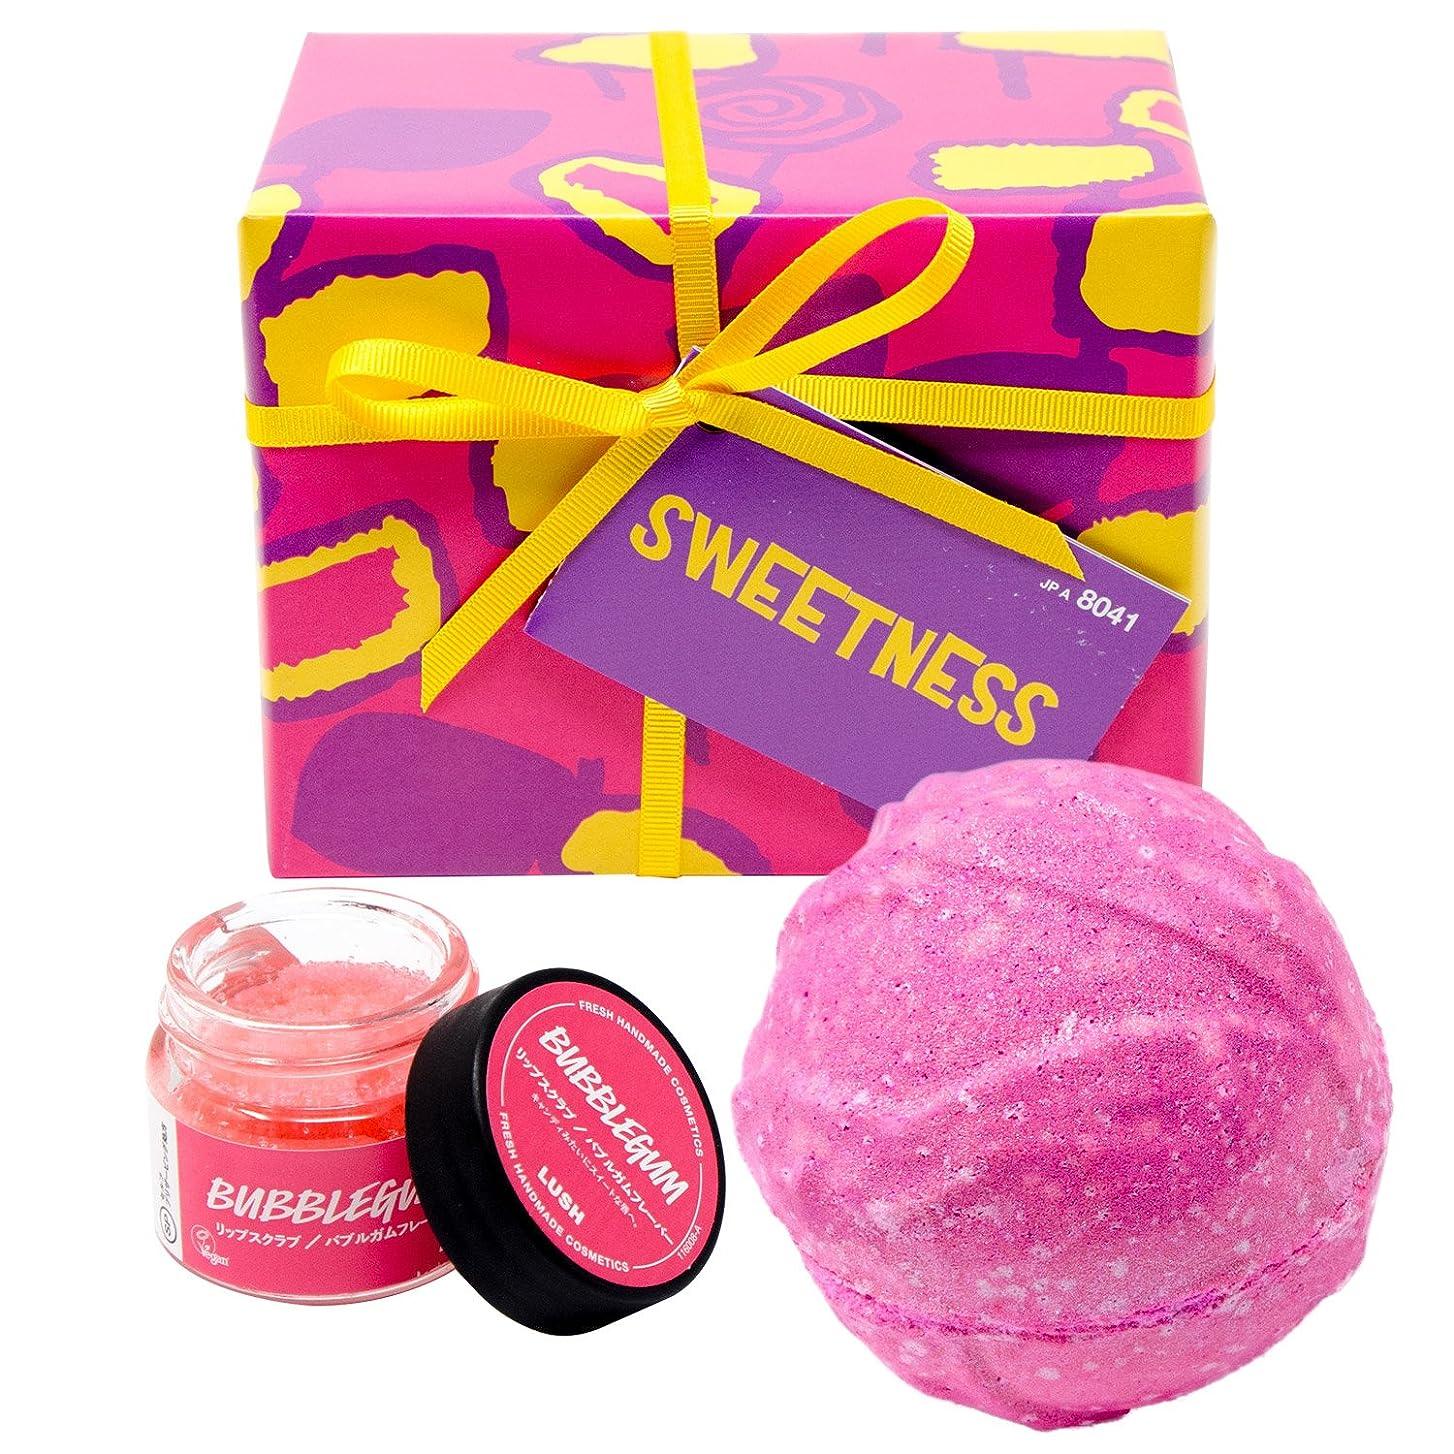 赤道取り扱い夜明け(ラッシュ) LUSH Sweetness スウィートネス ギフトセット ショップバッグ付き